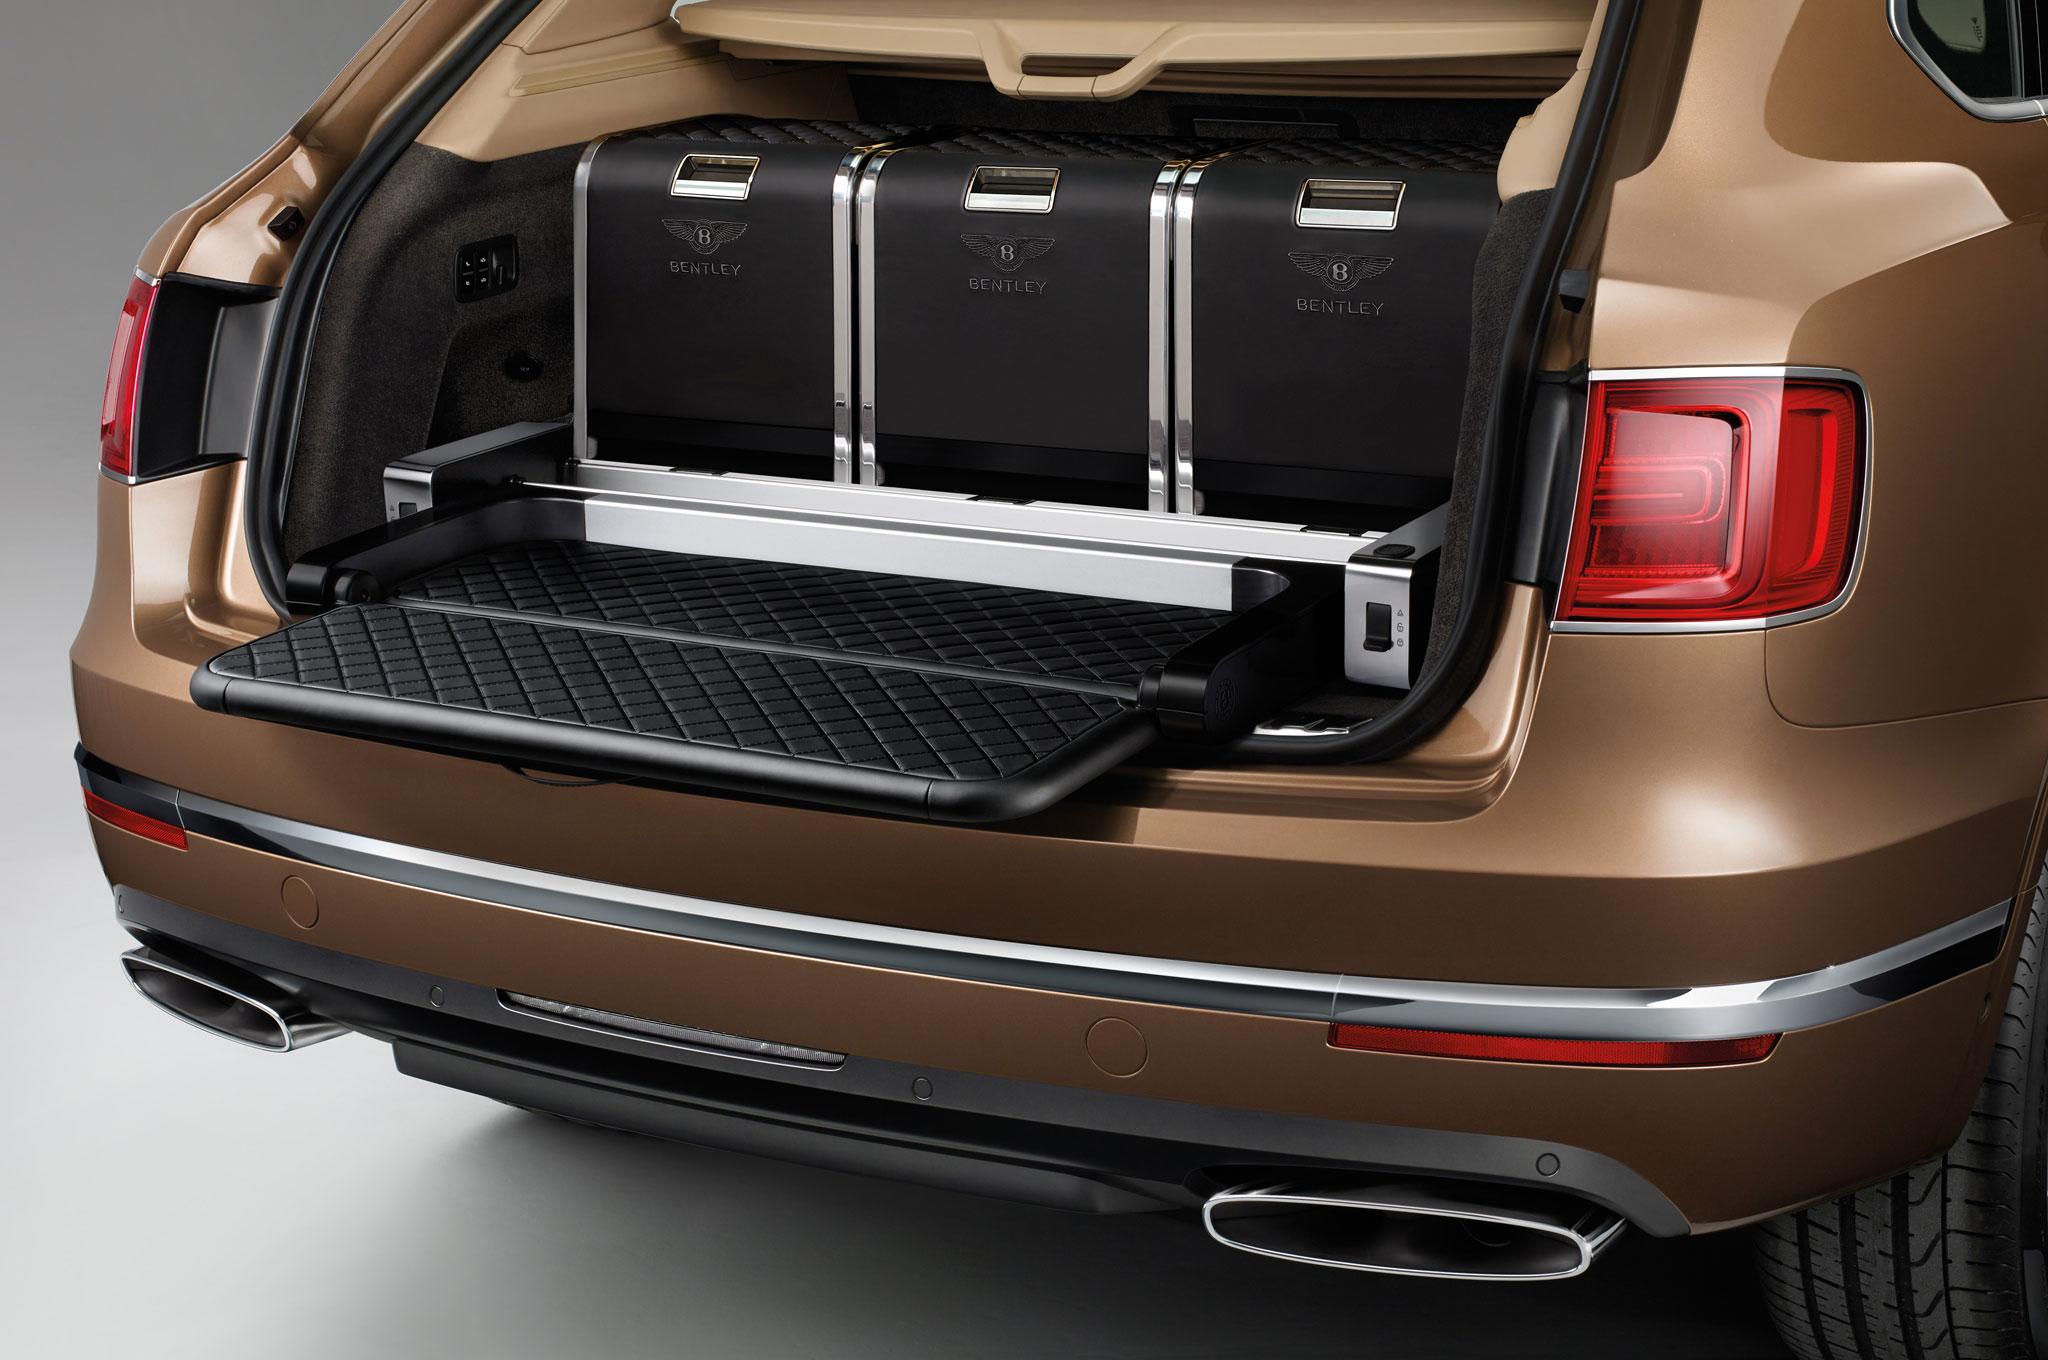 2017 Bentley Bentayga Trunk Space